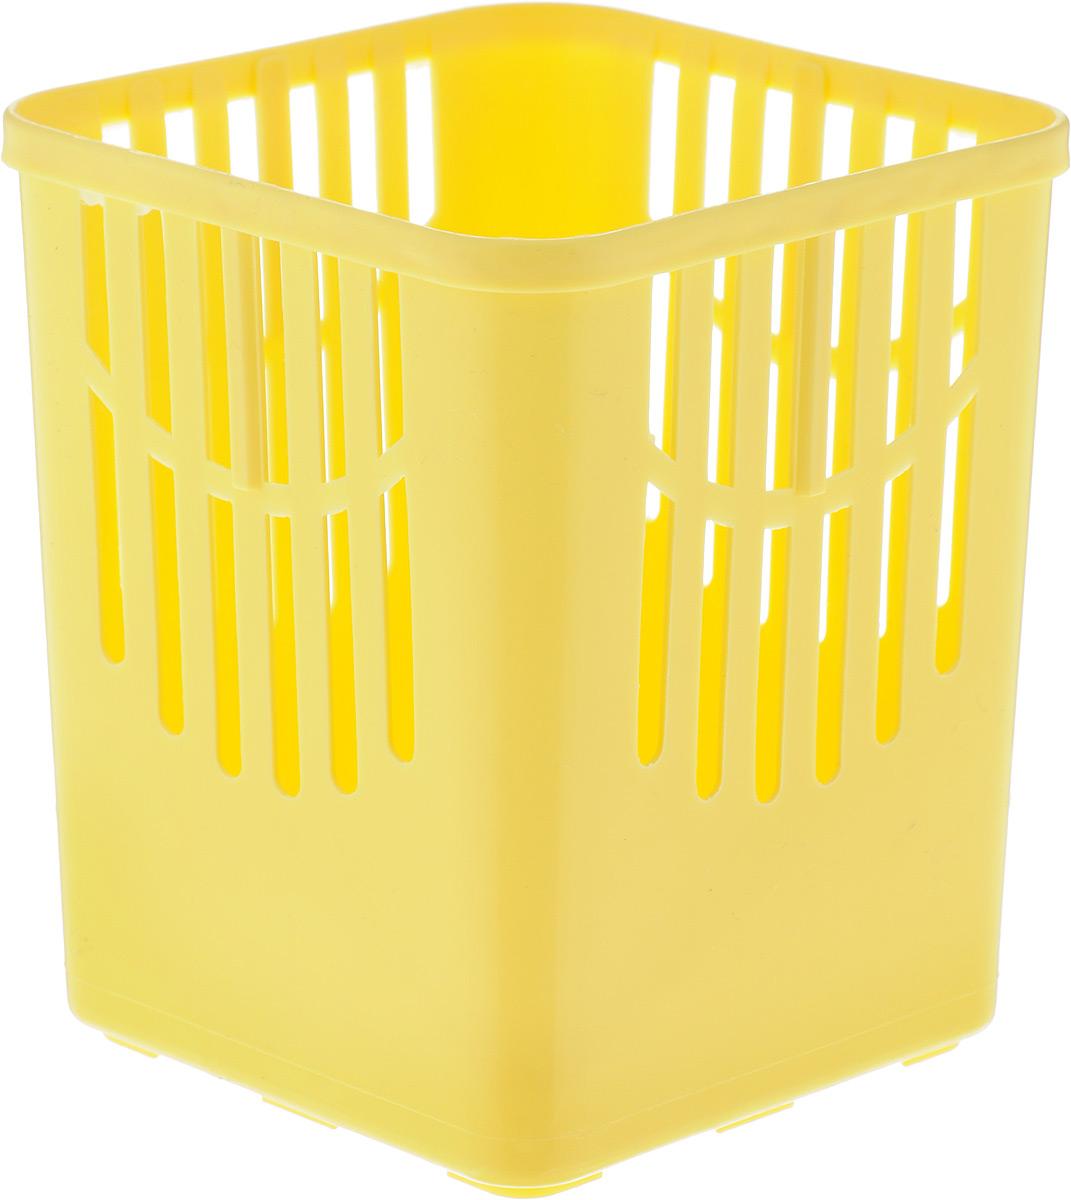 Подставка для столовых приборов Axentia, цвет: желтый, 10,5 х 10,5 х 12,5 см232039_желтыйПодставка для столовых приборов Axentia, выполненная из высококачественного пластика, станет полезным приобретением для вашей кухни. Она хорошо впишется в интерьер, не займет много места, а столовые приборы будут всегда под рукой.Размер подставки: 10,5 х 10,5 х 12,5 см.